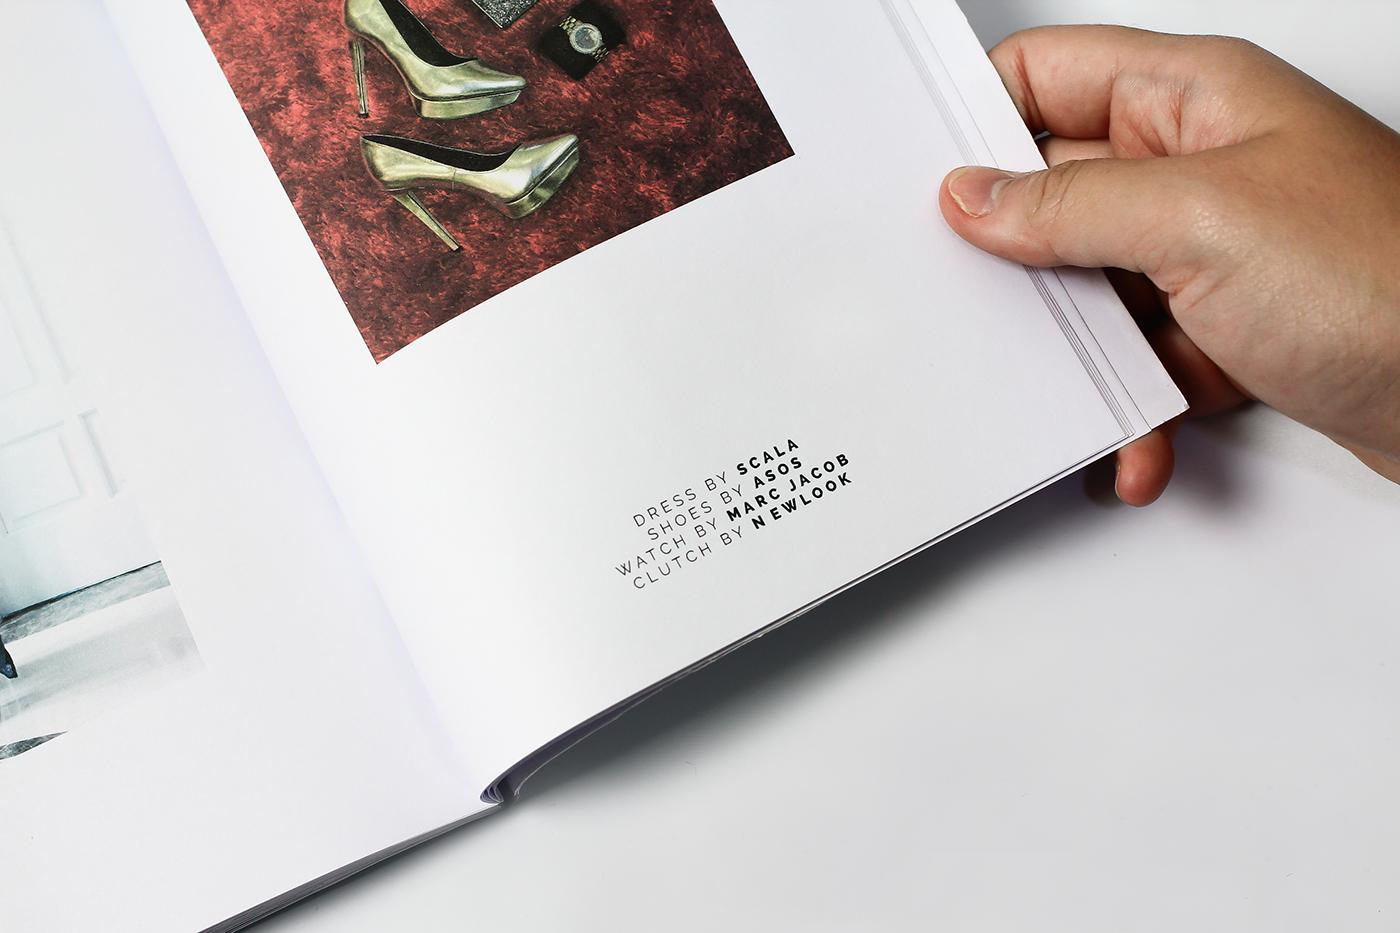 Design Studi- Online, Design Studio Online, DS-O, DSO, dsovn, design studio, studio online, design, studio, dịch vụ thiết kế đồ họa chuyên nghiệp, dịch vụ graphic design, dịch vụ design, dịch vụ tư vấn định hướng hình ảnh chuyên nghiệp, dịch vụ thiết kế photobook, dịch vụ thiết kế dàn trang, dịch vụ thiết kế sale kit, dịch vụ thiết kế ấn phẩm in ấn, dịch vụ tư vấn in ấn, dịch vụ thiết kế brochure, dịch vụ thiết kế catalogue, dịch vụ thiết kế brand book, dịch vụ in ấn.